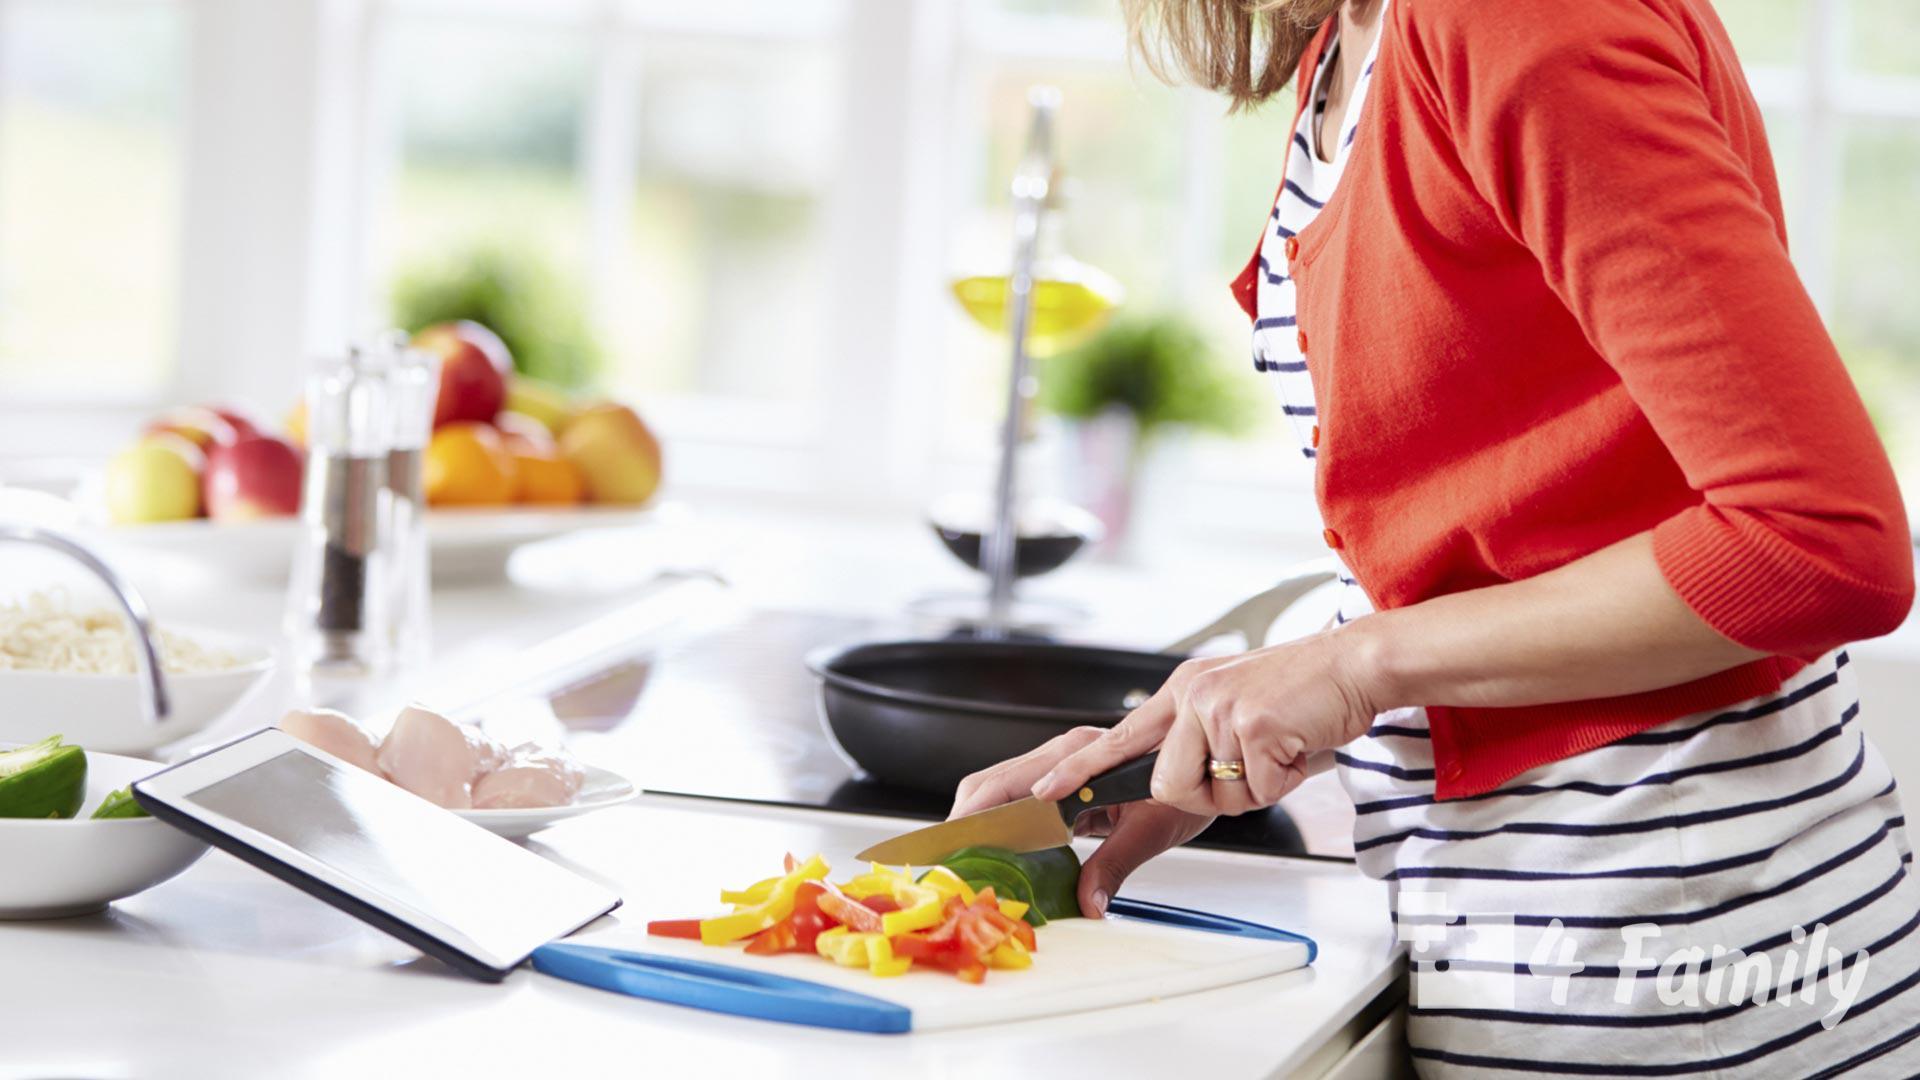 4family Полезные советы на каждый день для дома